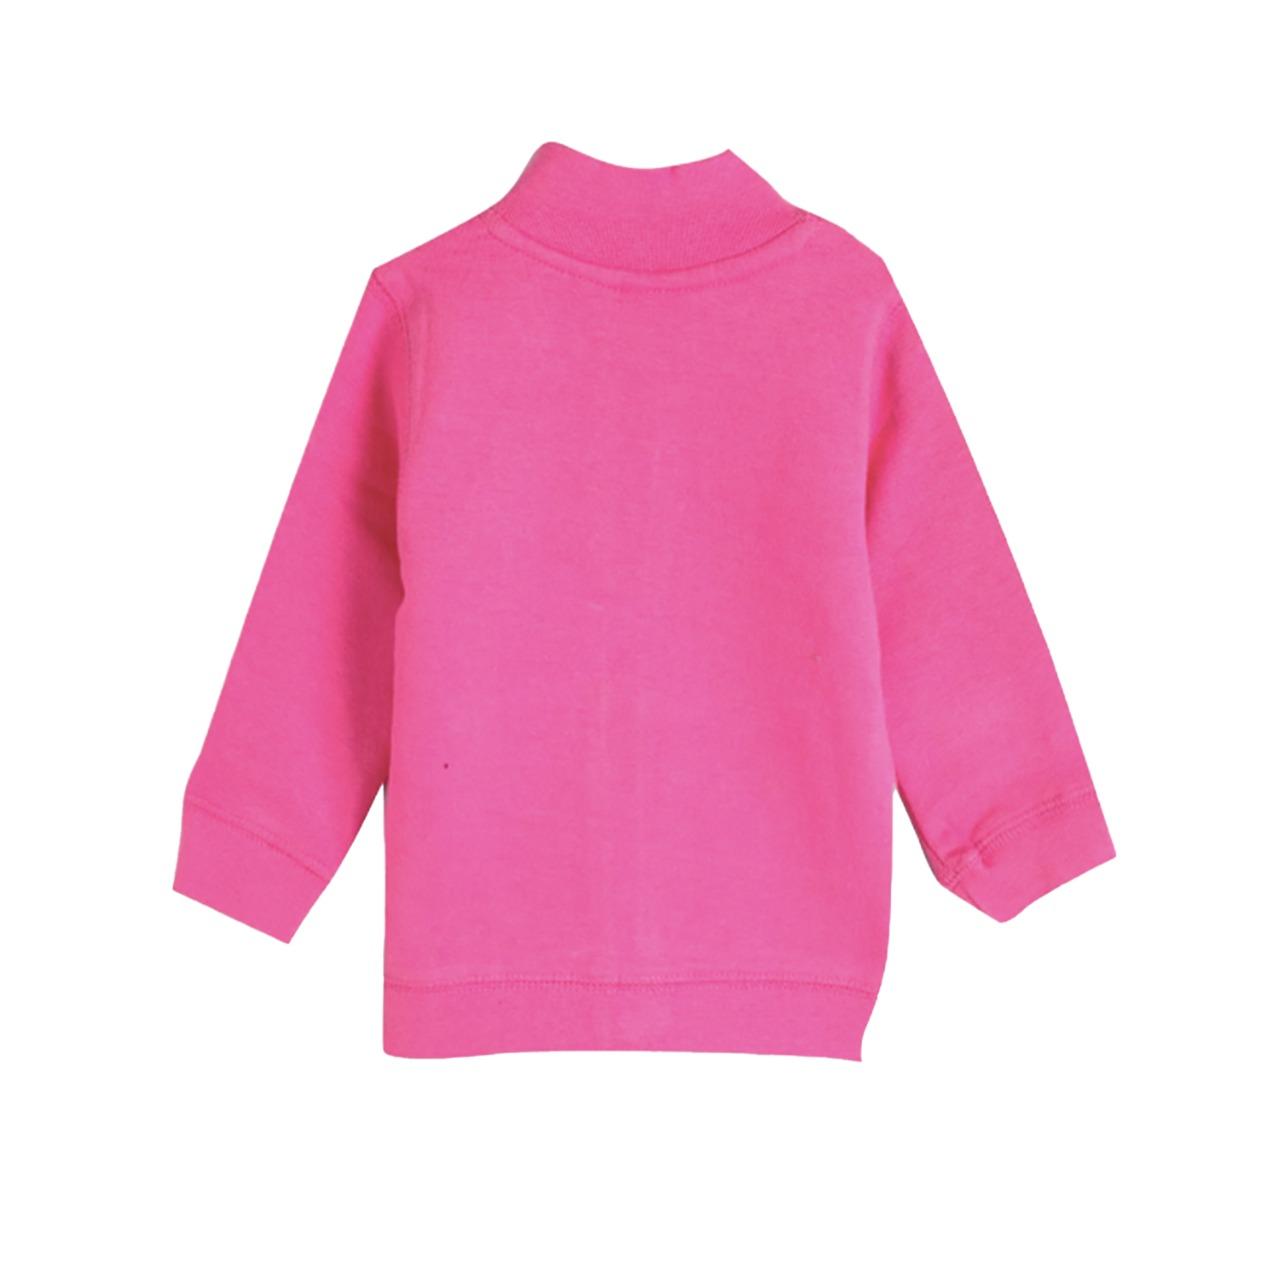 Blusão Inverno Infantil Sem Capuz com Zíper